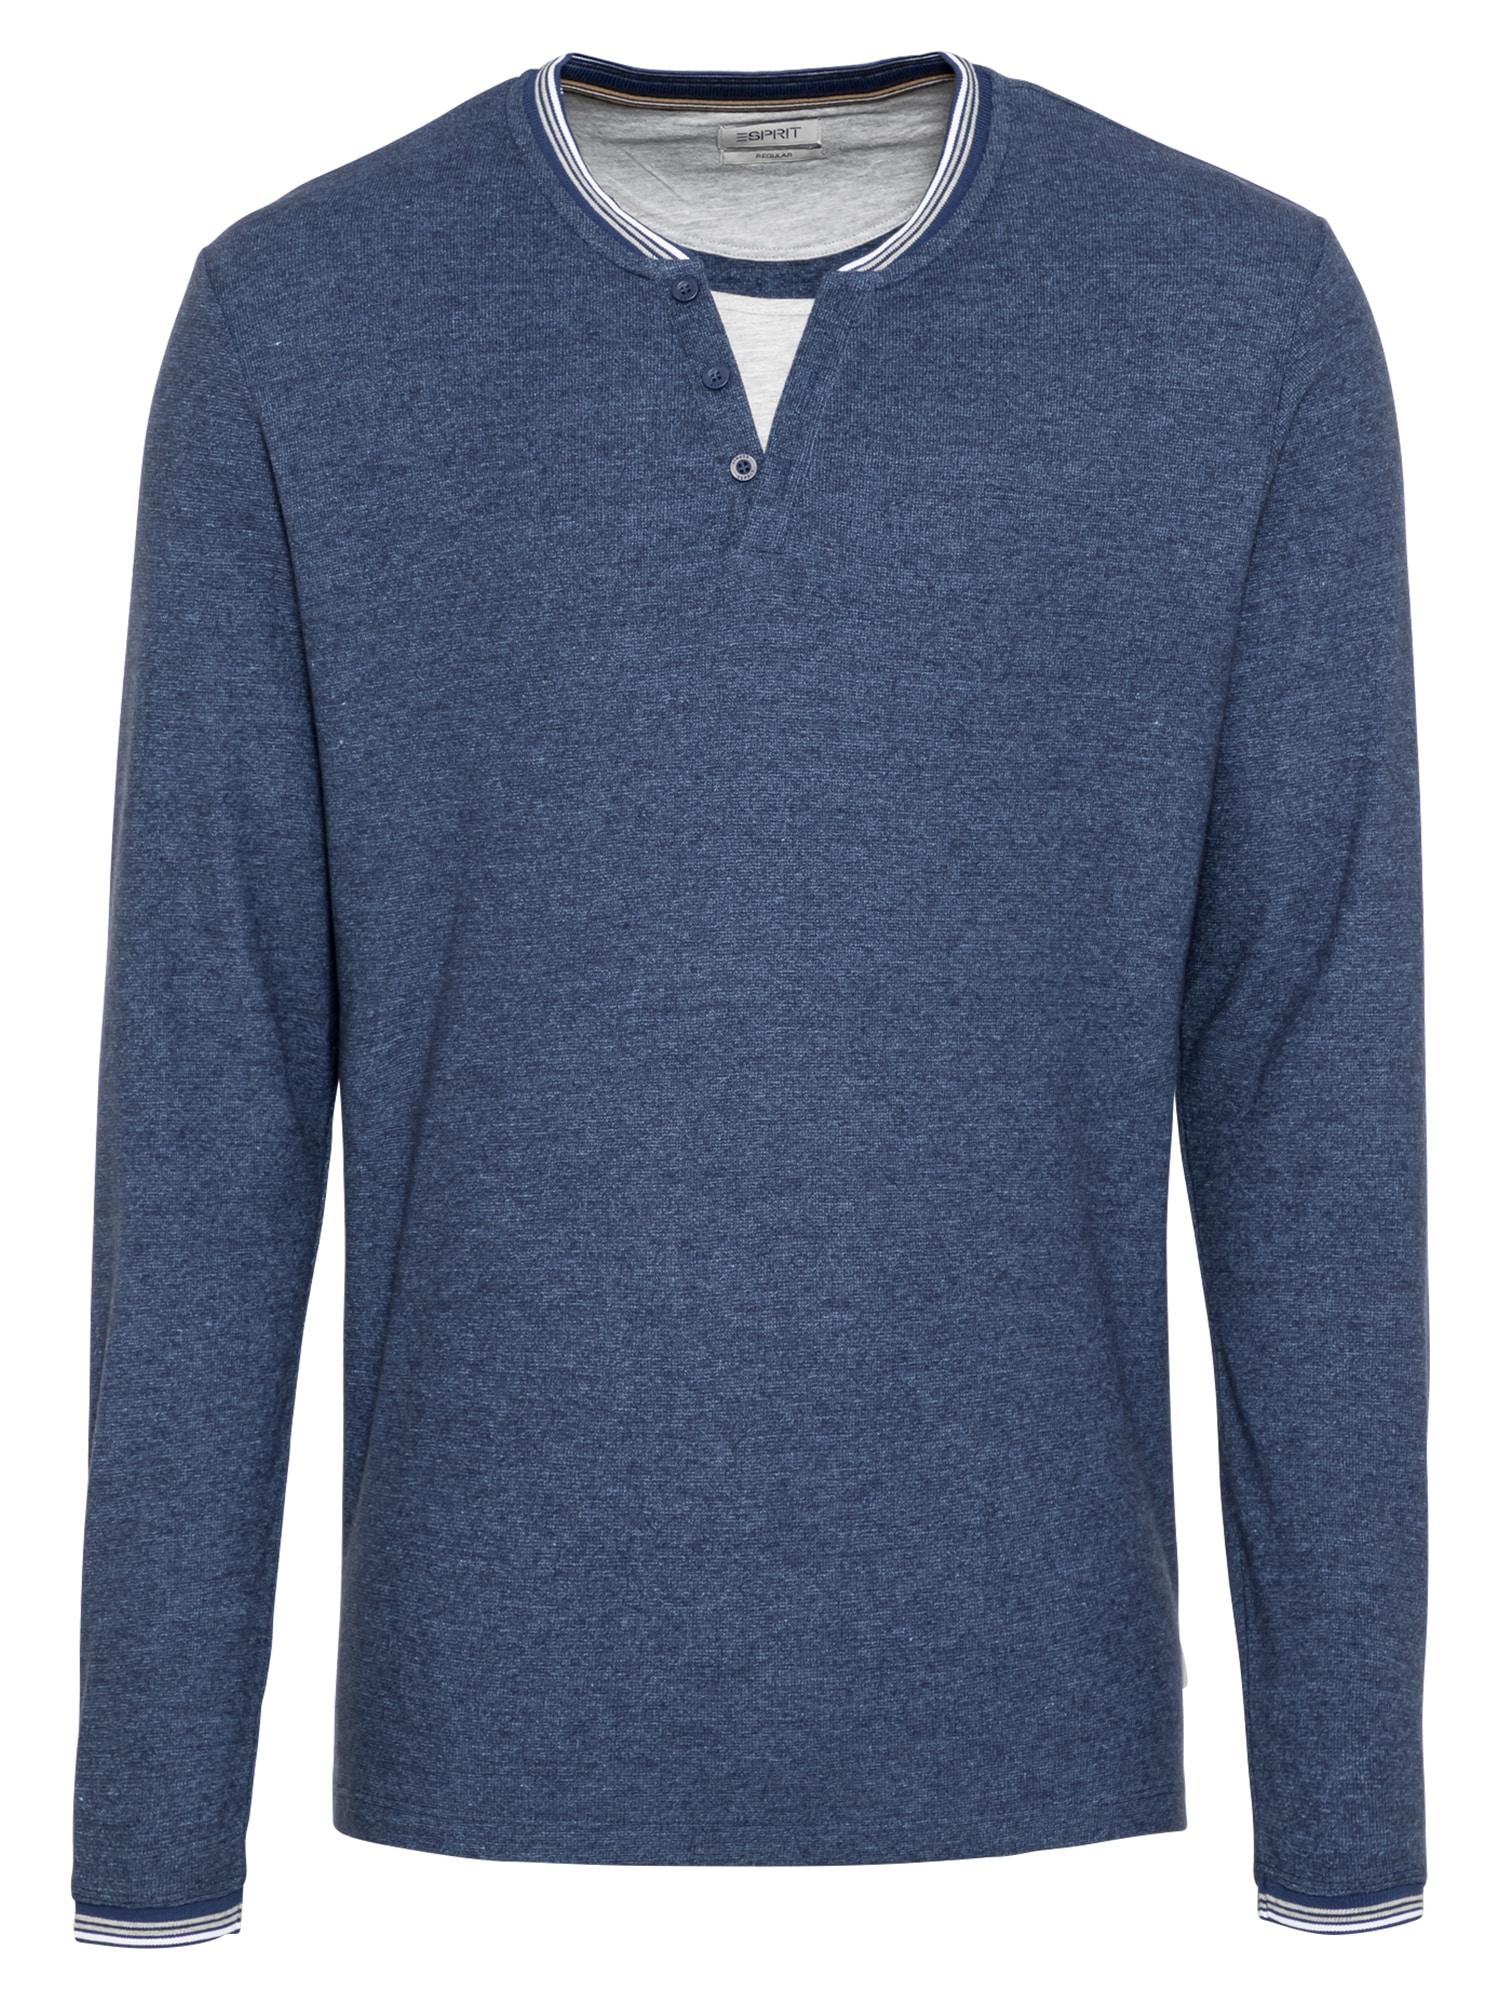 ESPRIT Marškinėliai margai mėlyna